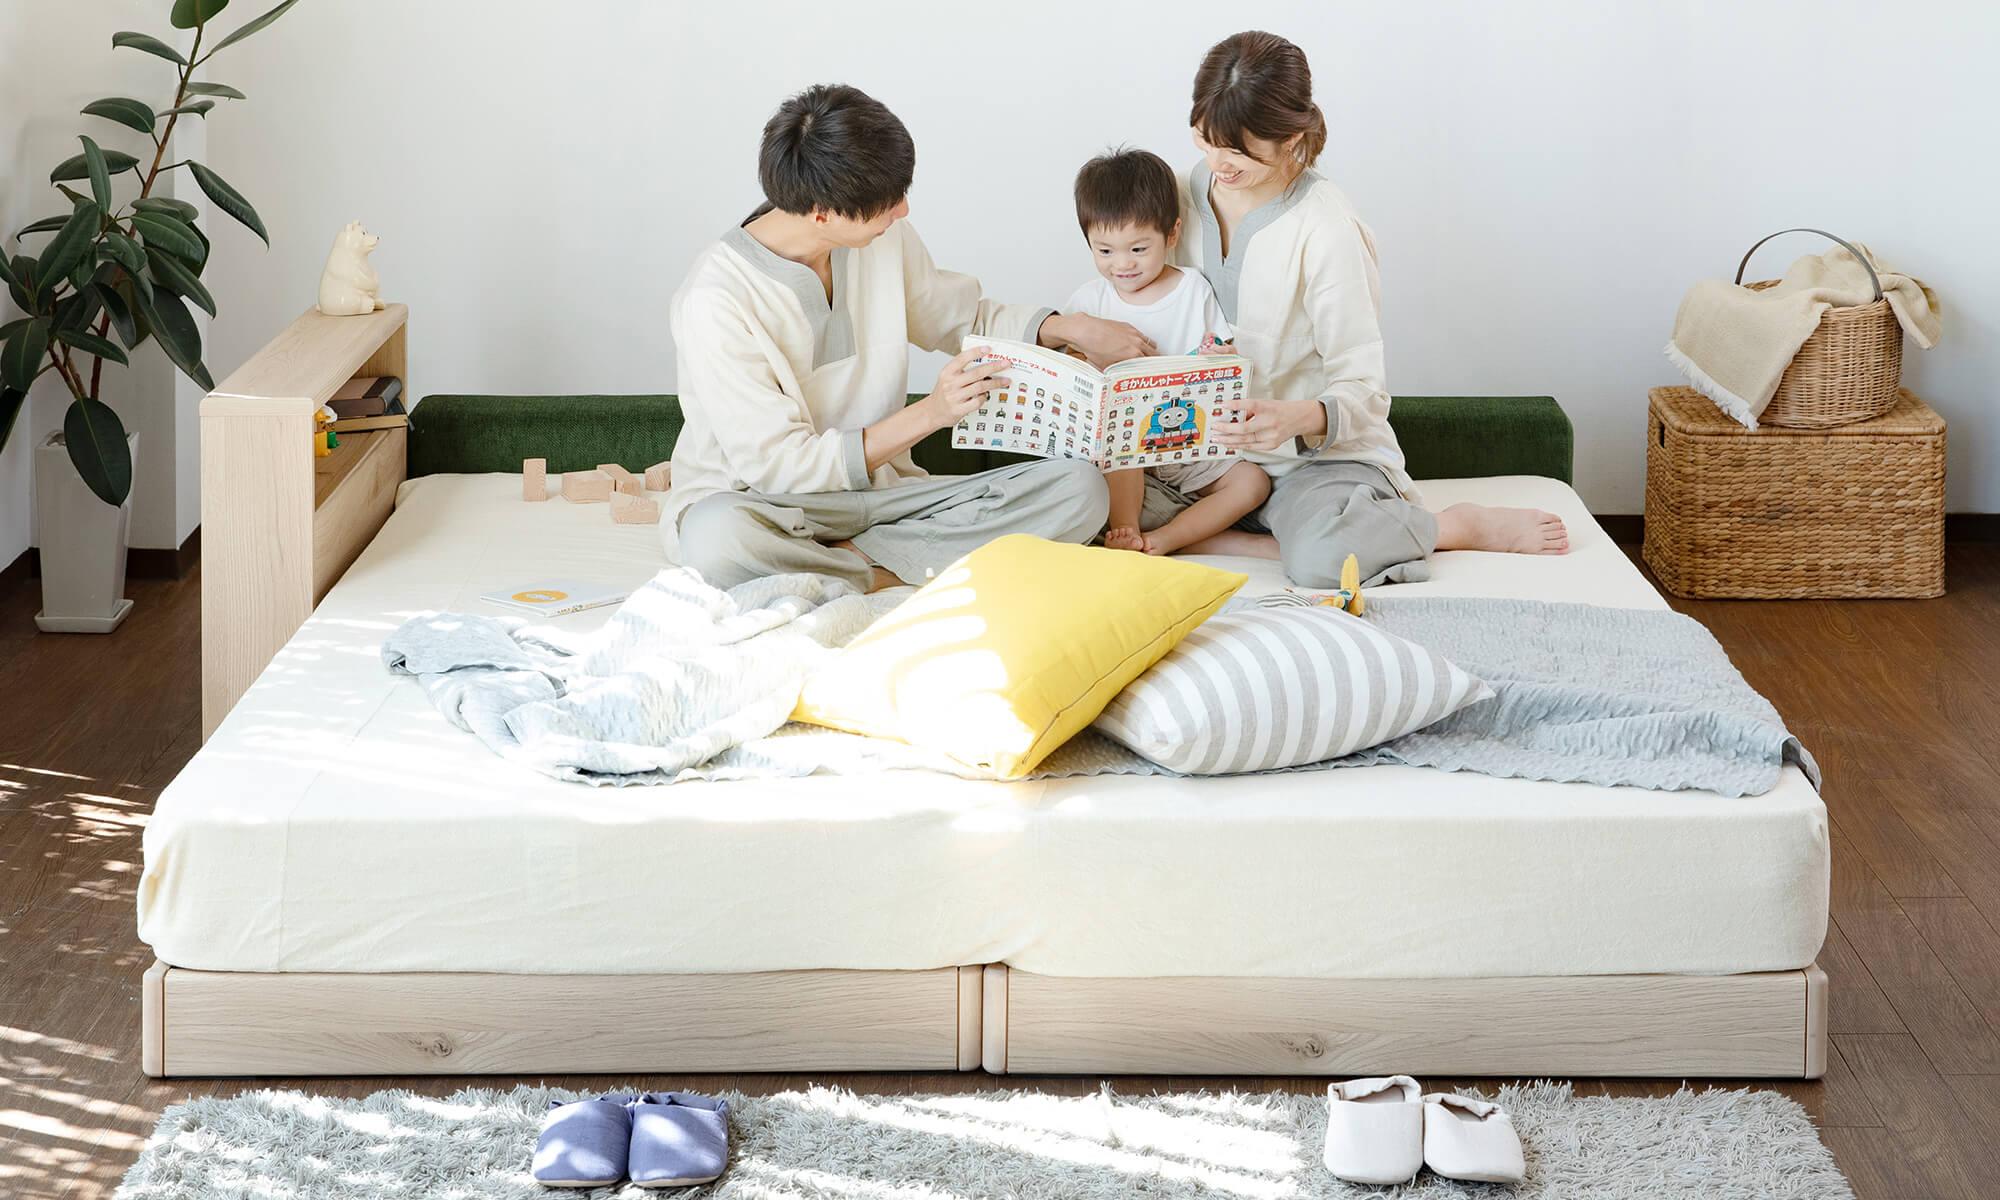 シングルベッドを連結して使う方法|並べて使う際の注意点などを解説 ...